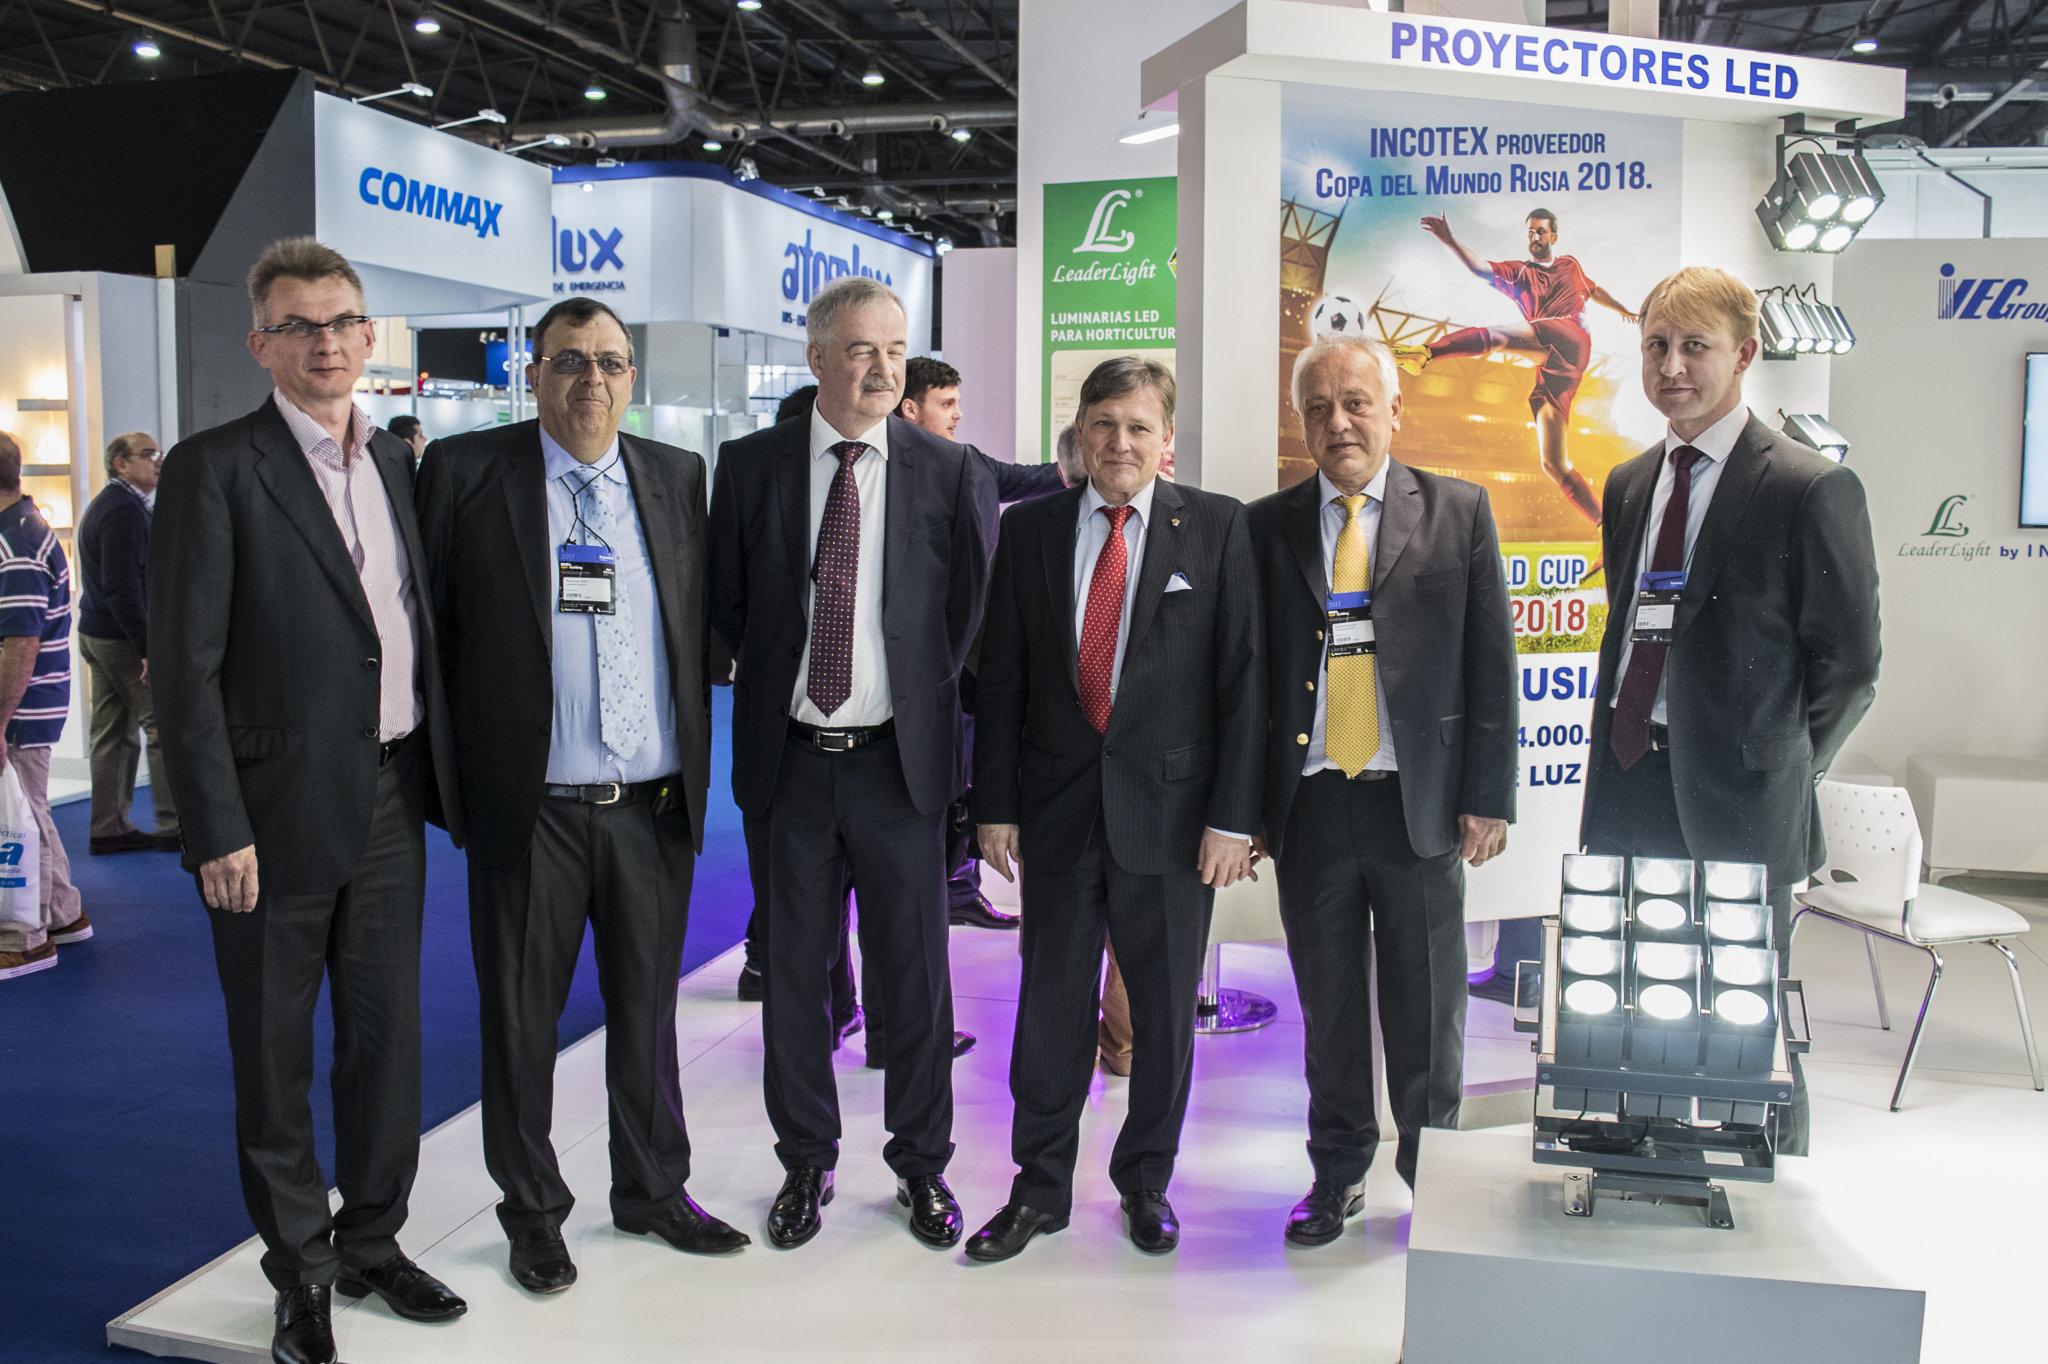 El embajador de Rusia en Argentina, Viktor Koronelli, y Serguei Derkach, jefe de la representación comercial rusa en ese país junto con representantes de Incotex Electronics Group y Avangard Energy en la inauguración del stand en la feria BIEL